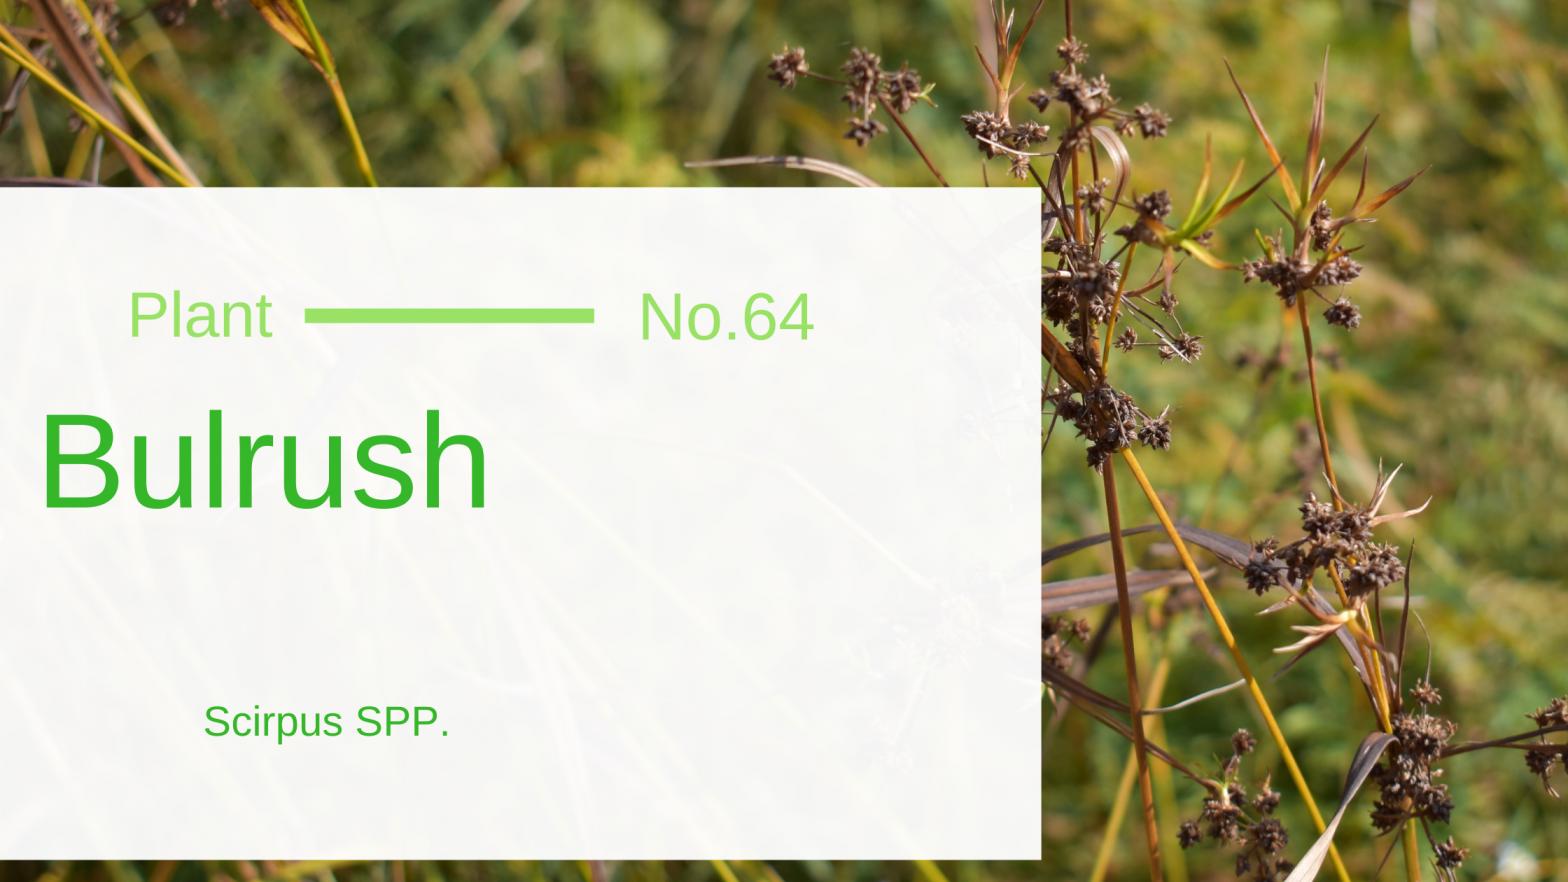 Bulrush - Scirpus SPP.